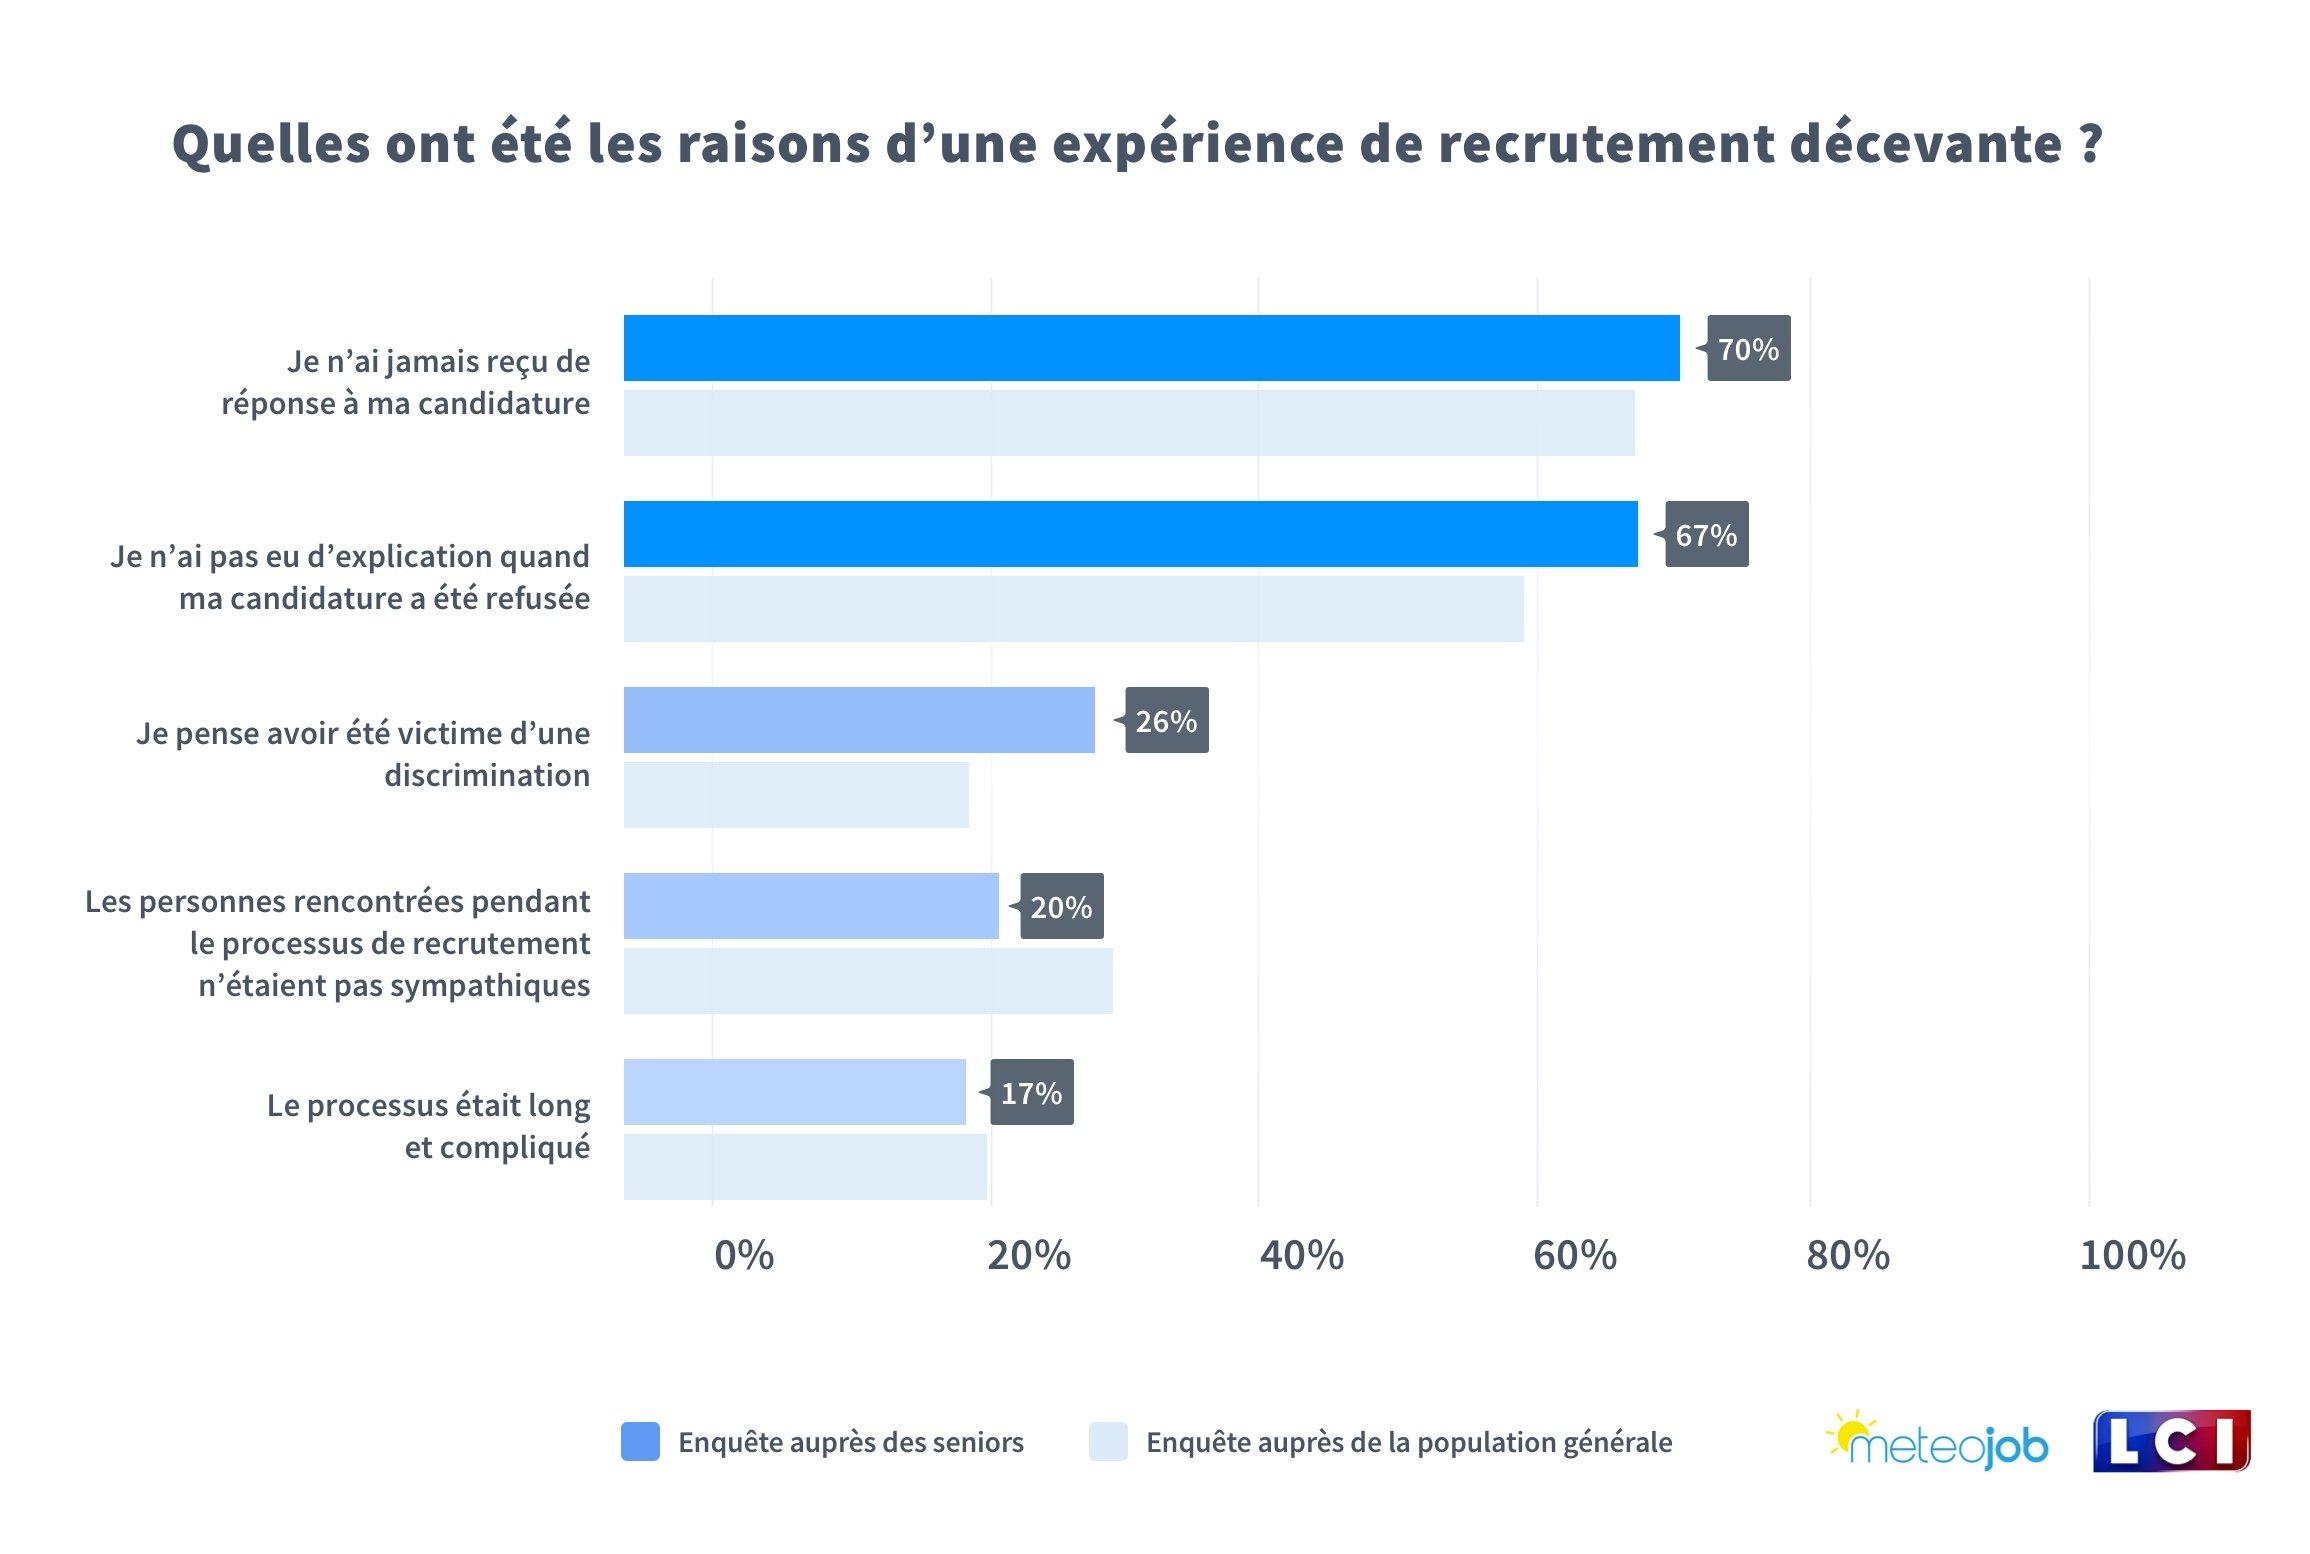 Quelles ont été les raisons d'une expérience de recrutement décevante ?